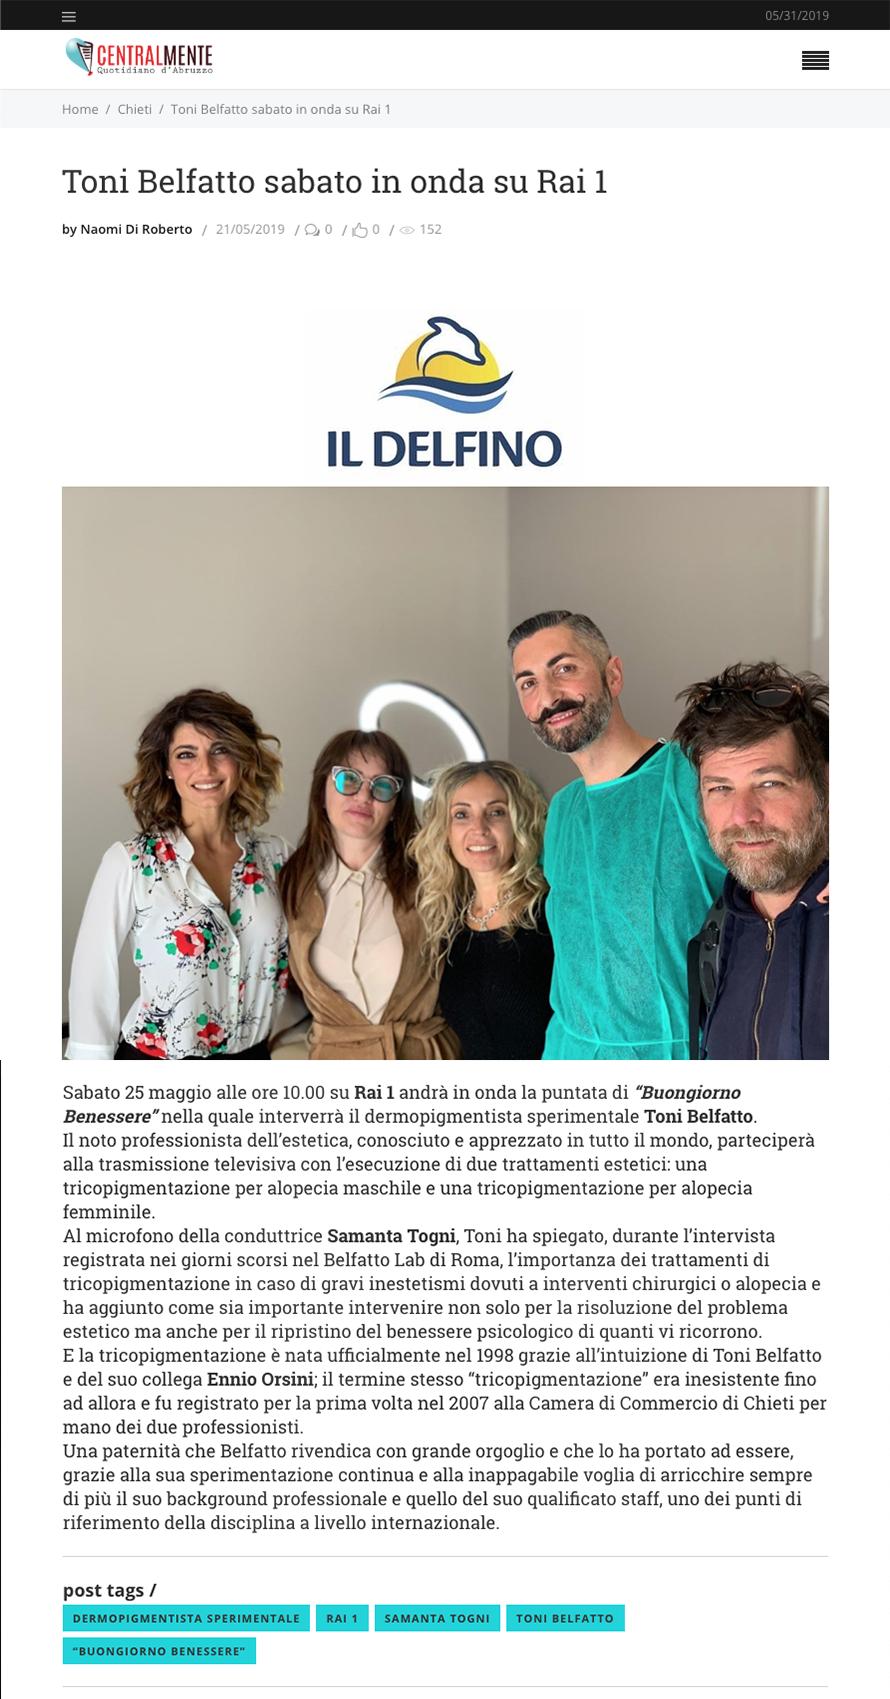 il delfino 21 maggio 2019 - Toni Belfatto sabato in onda su Rai 1